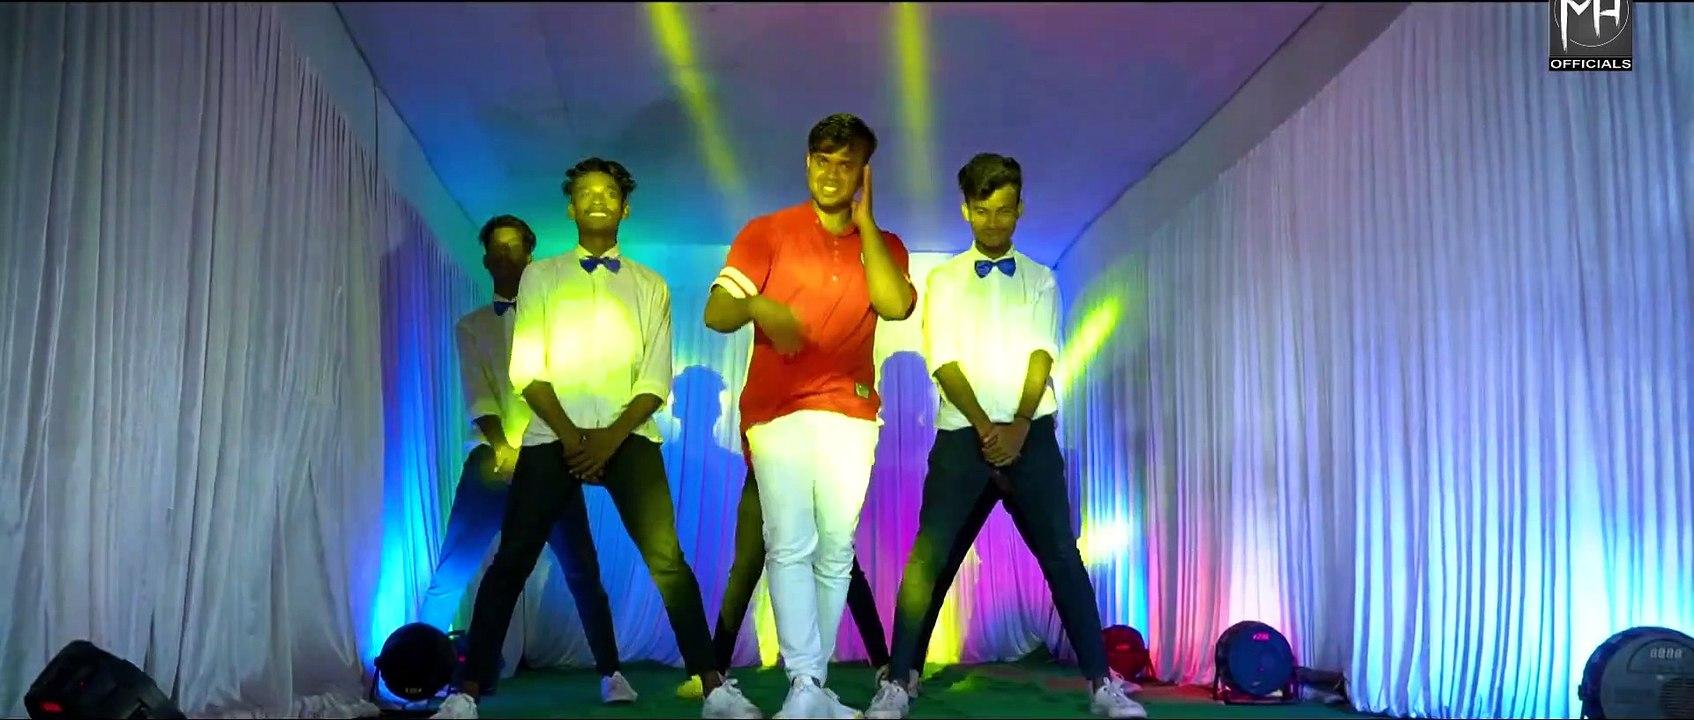 DJ Wala Babu Santali Full Video _ New Santali Video Song 2019 _ Mangal,  Manisha _ DJ CKM ( 1080 X 1920 ) - video dailymotion